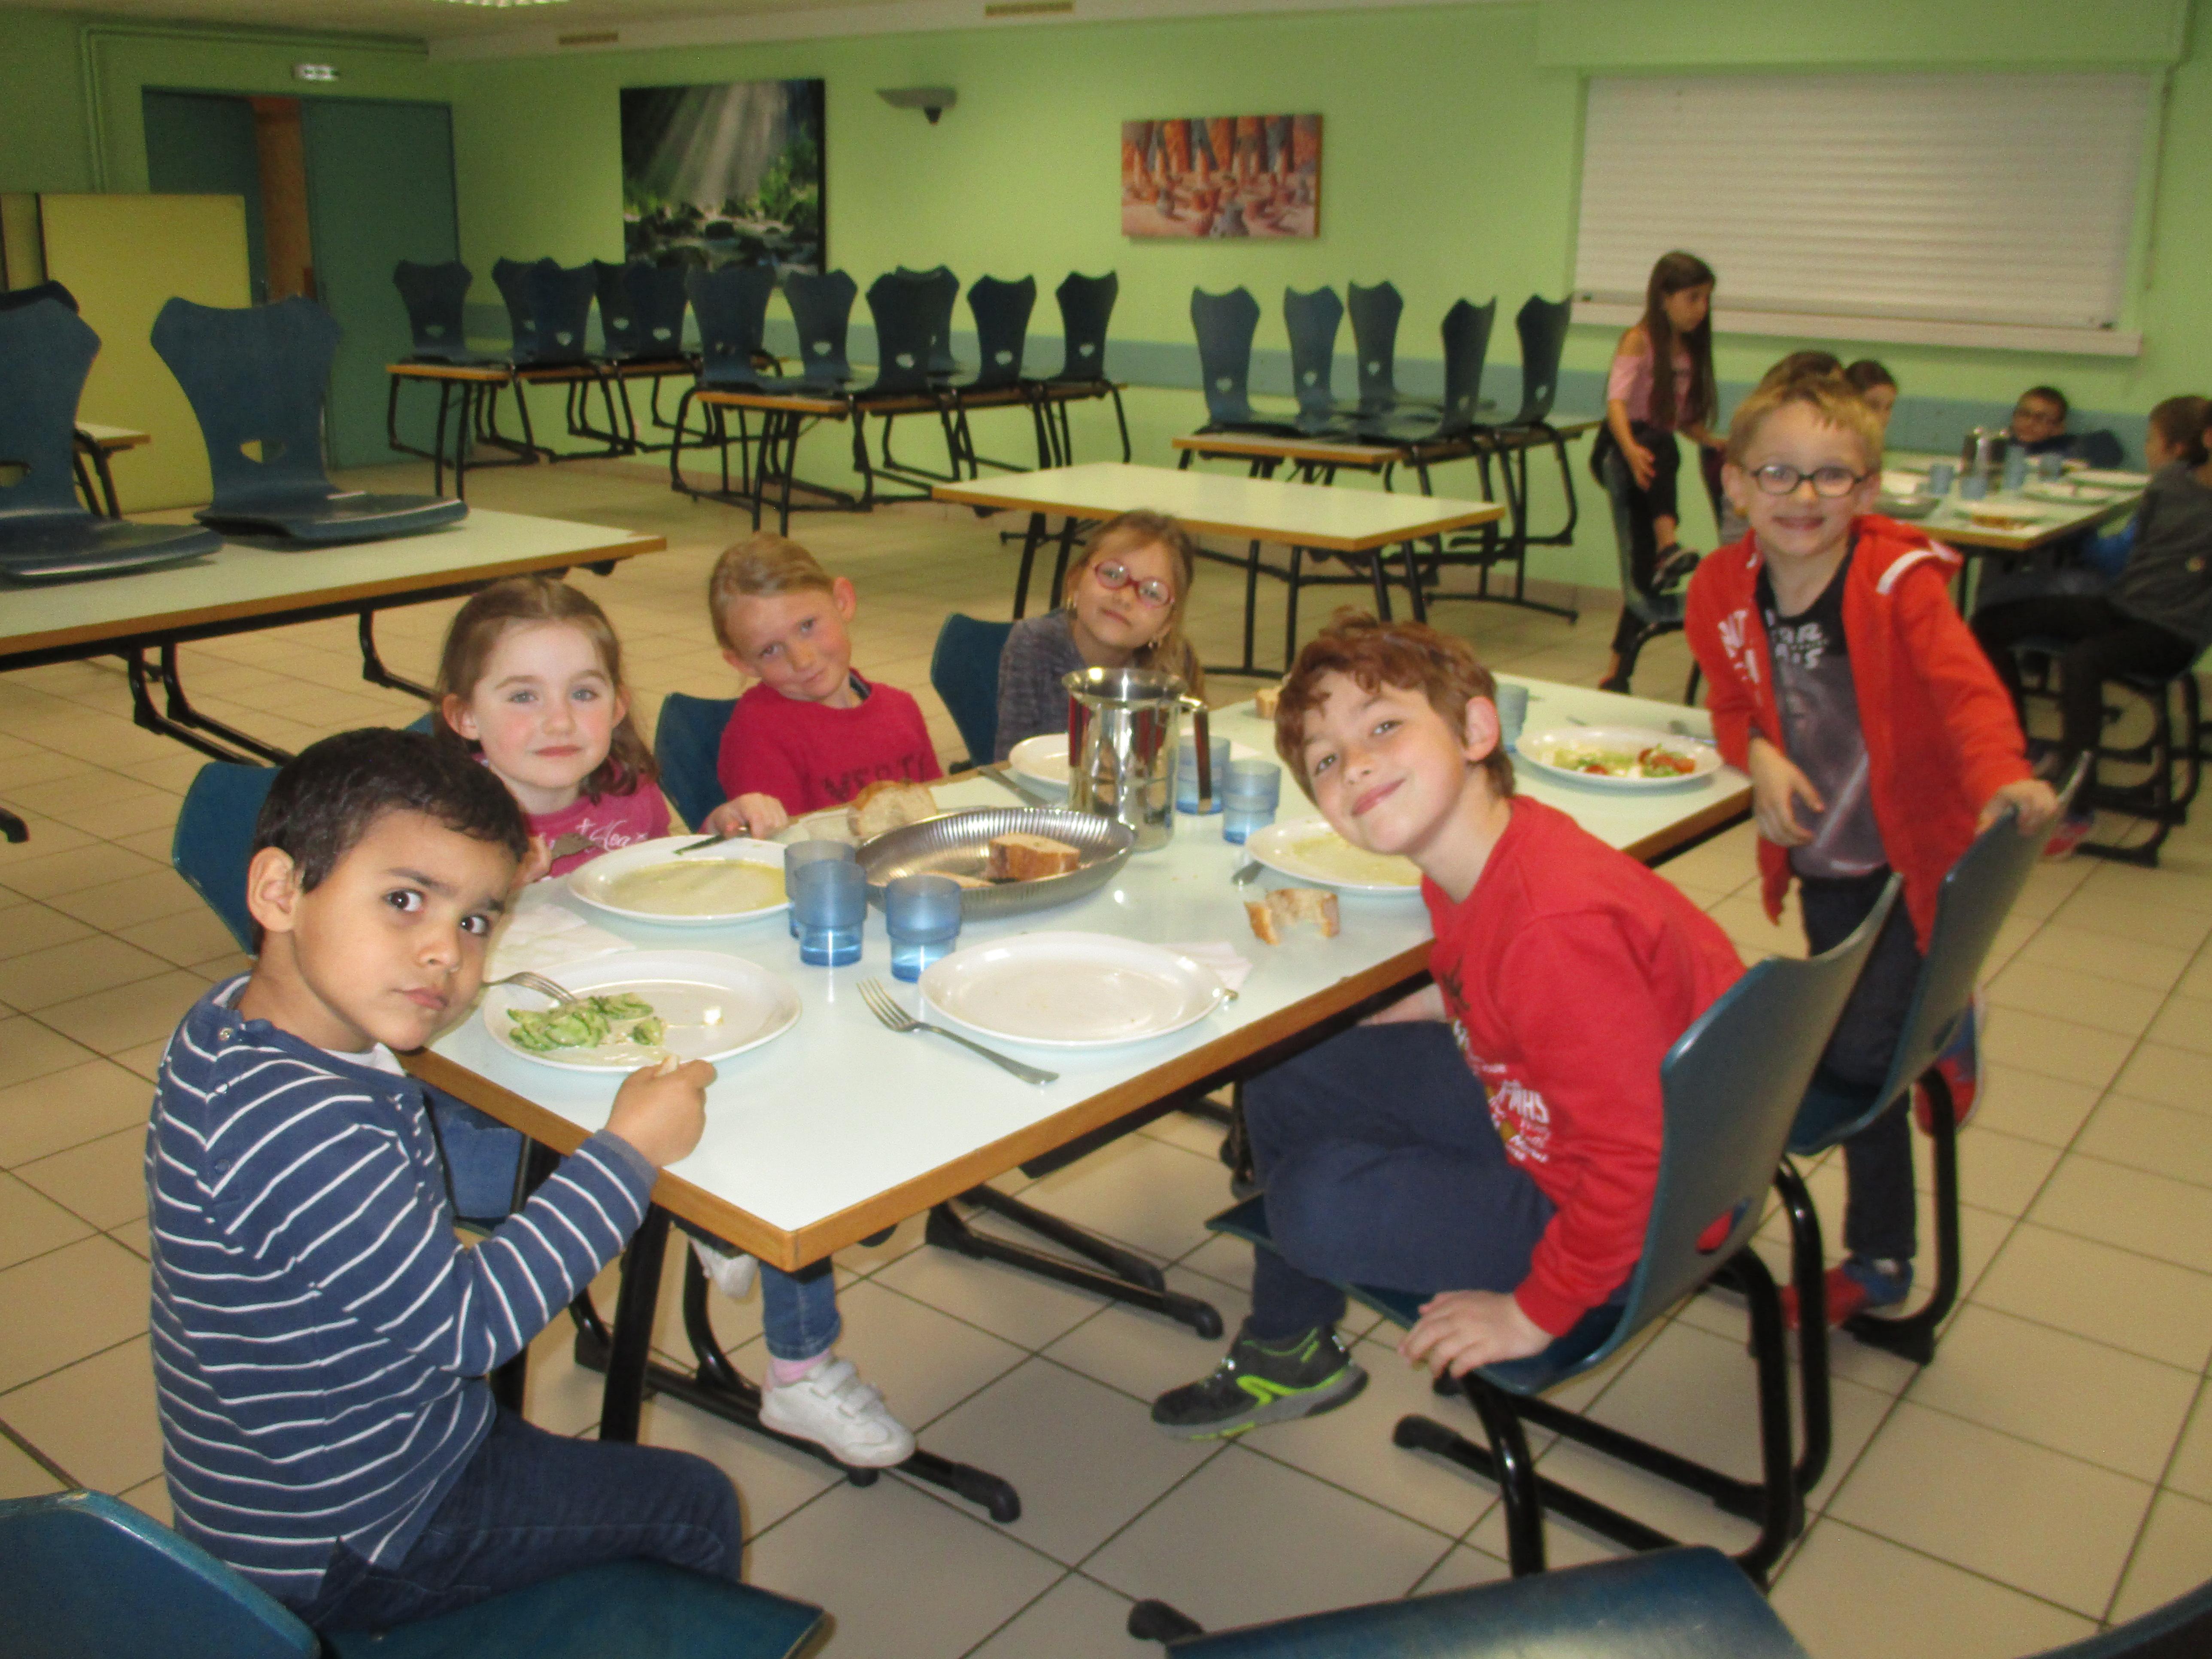 Saint-Etienne-lès-Remiremont – Supers moments pour les enfants du centre d'accueil